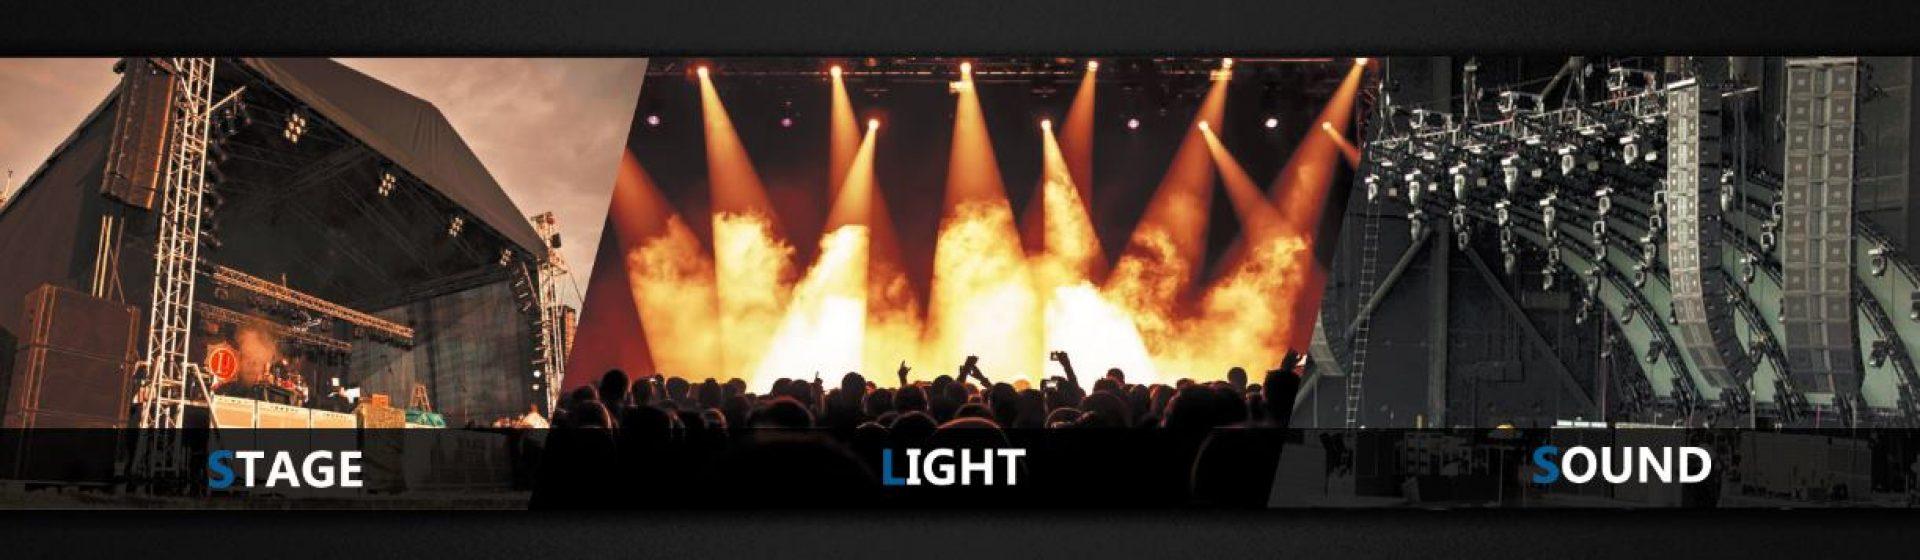 Oświetlenie Wynajem Sceny Barierek Koncertowych